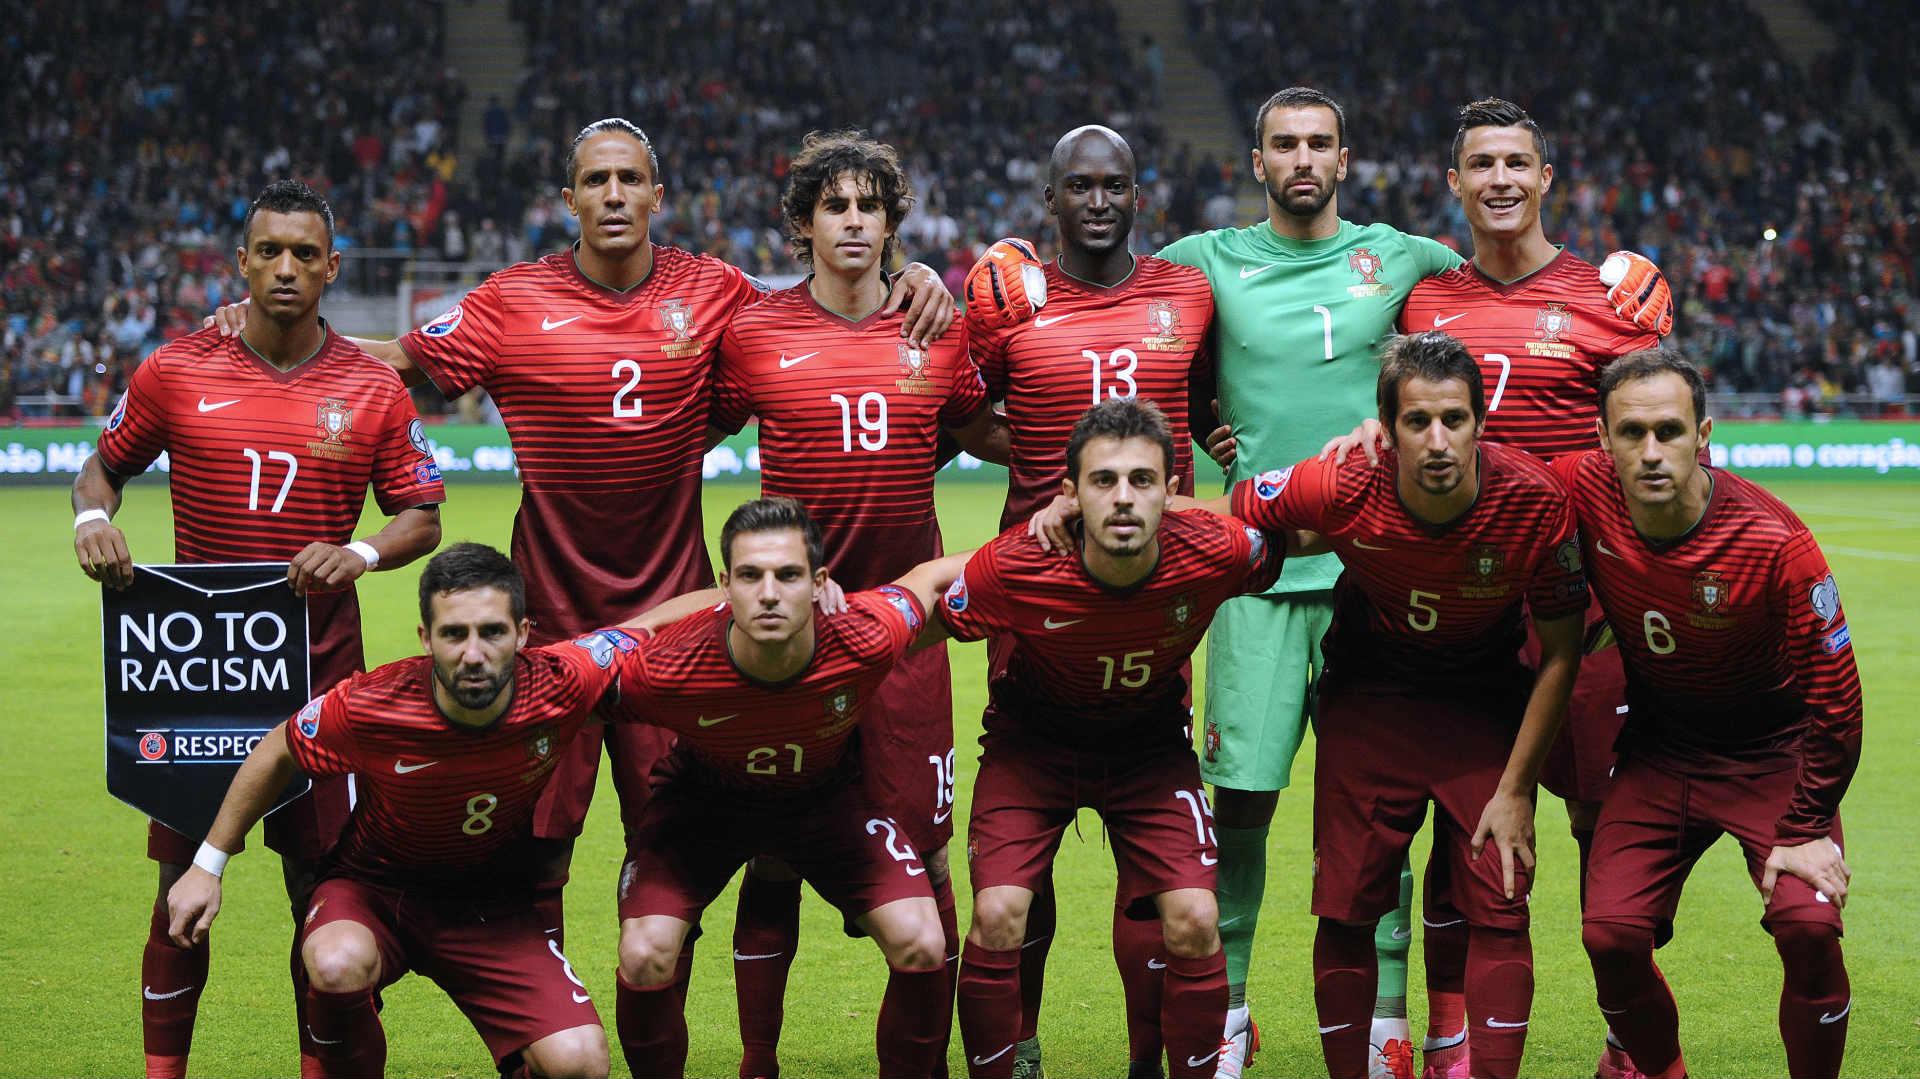 Un punto a testa per Portogallo e Messico